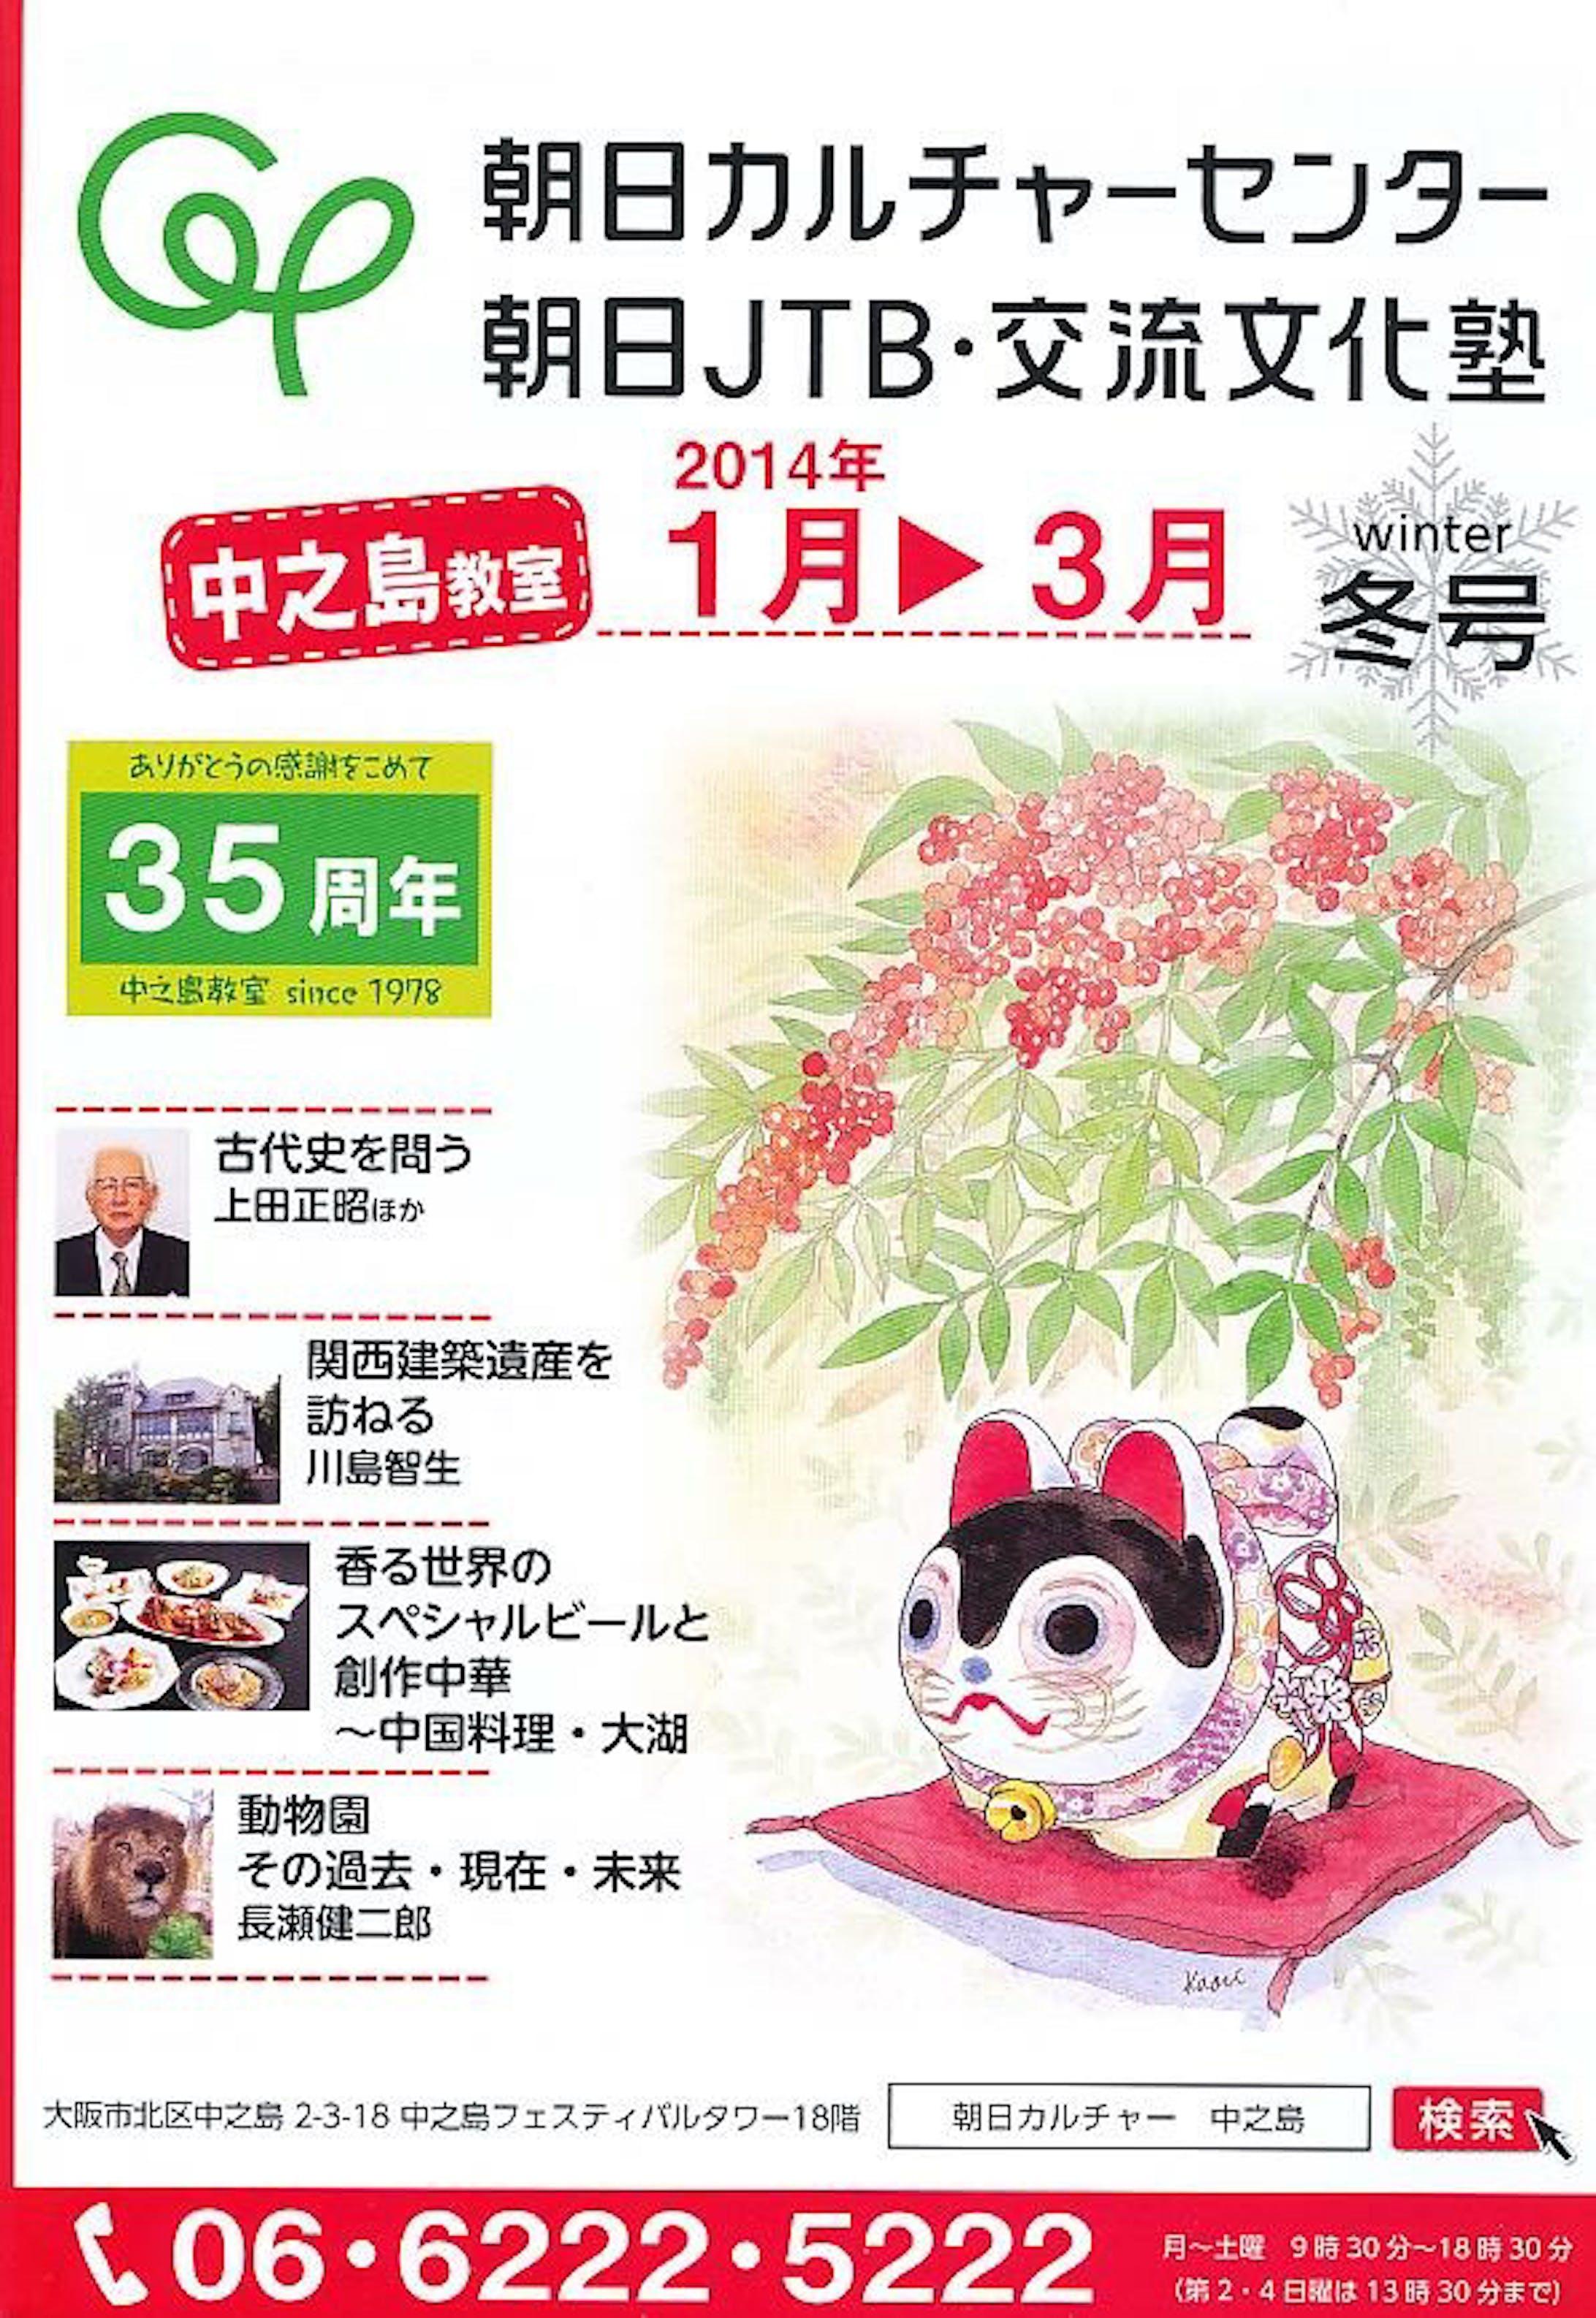 【朝日カルチャーセンター パンフレット表紙イラスト】-4